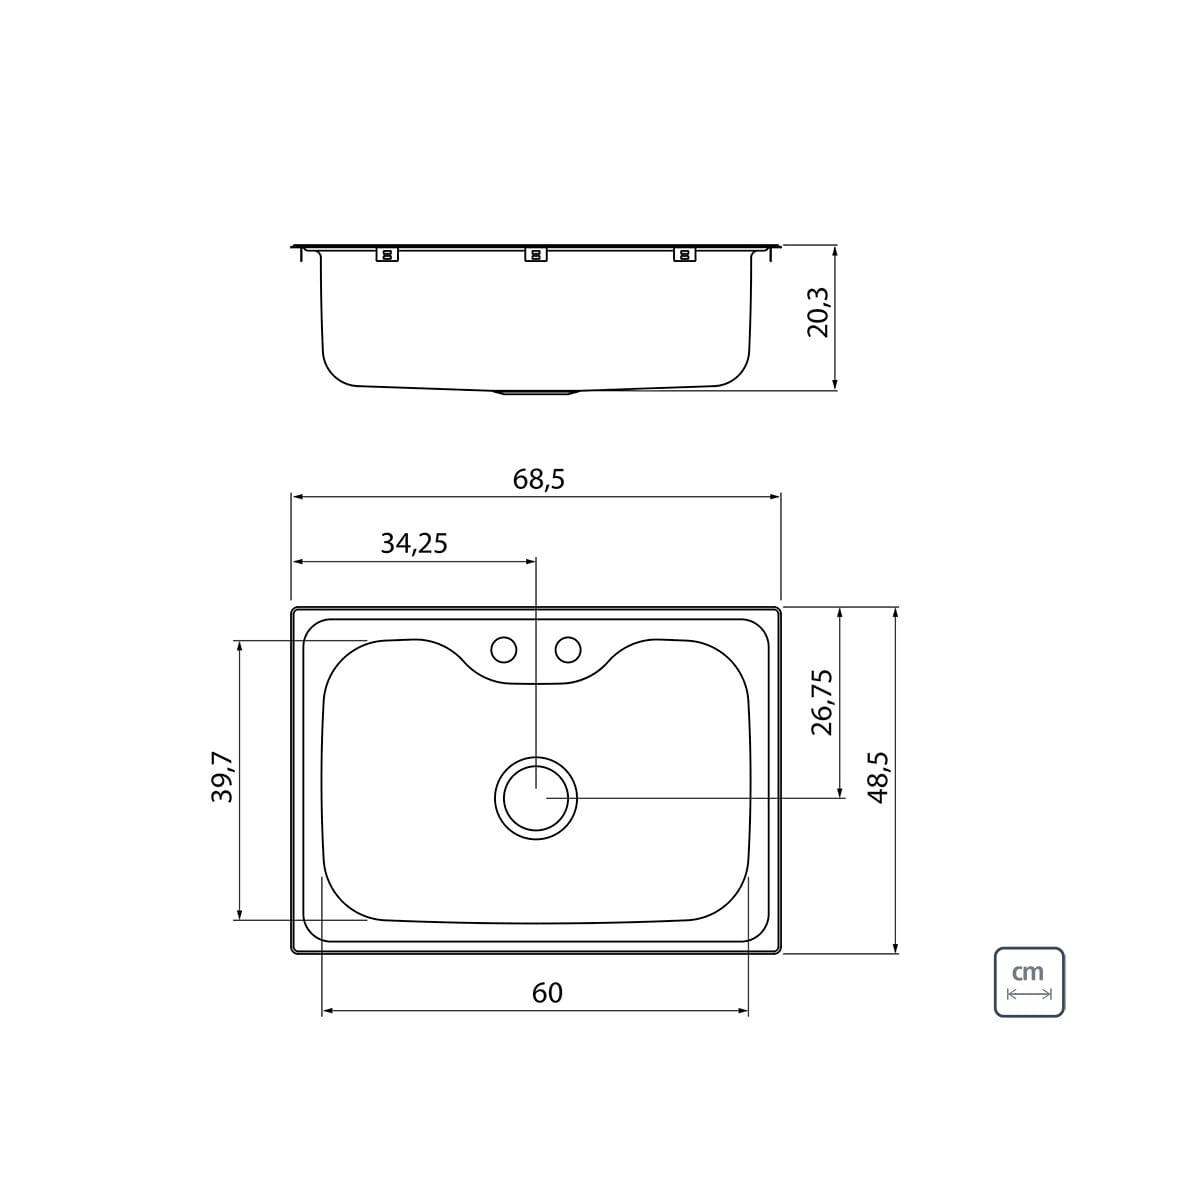 Cuba de Sobrepor em Aço Inox Tramontina Morgana 60 FX Acetinado 68 x 48 cm com Válvula Dosador de Sabão Cesto Aramado e Torneira